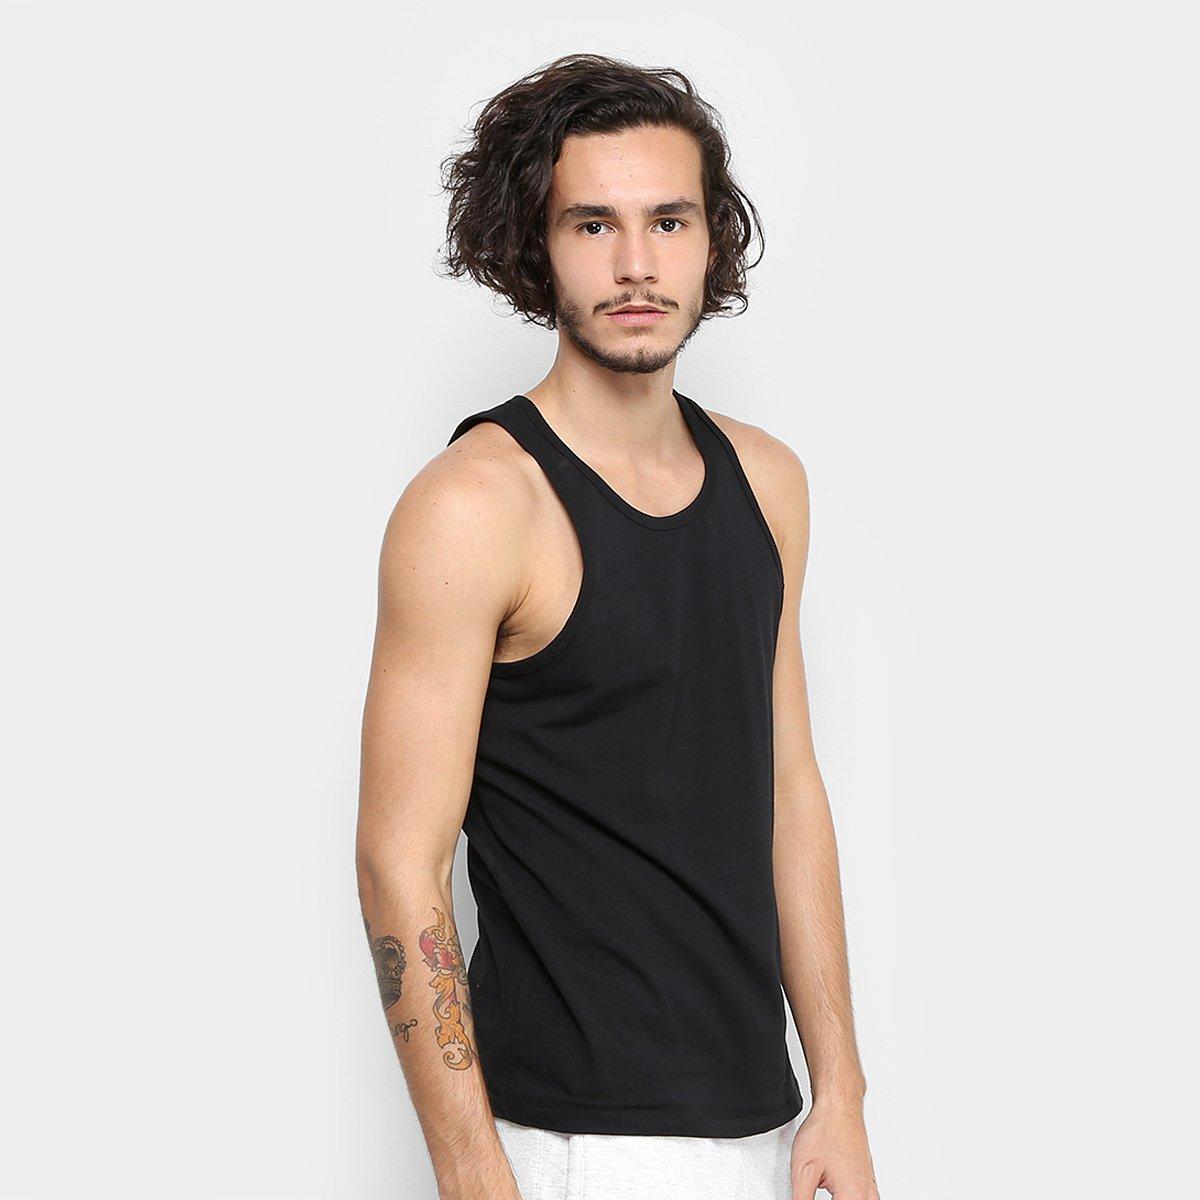 bd57b06e2f2b4 Kit Regatas Calvin Klein 2 Peças Masculina - Compre Agora